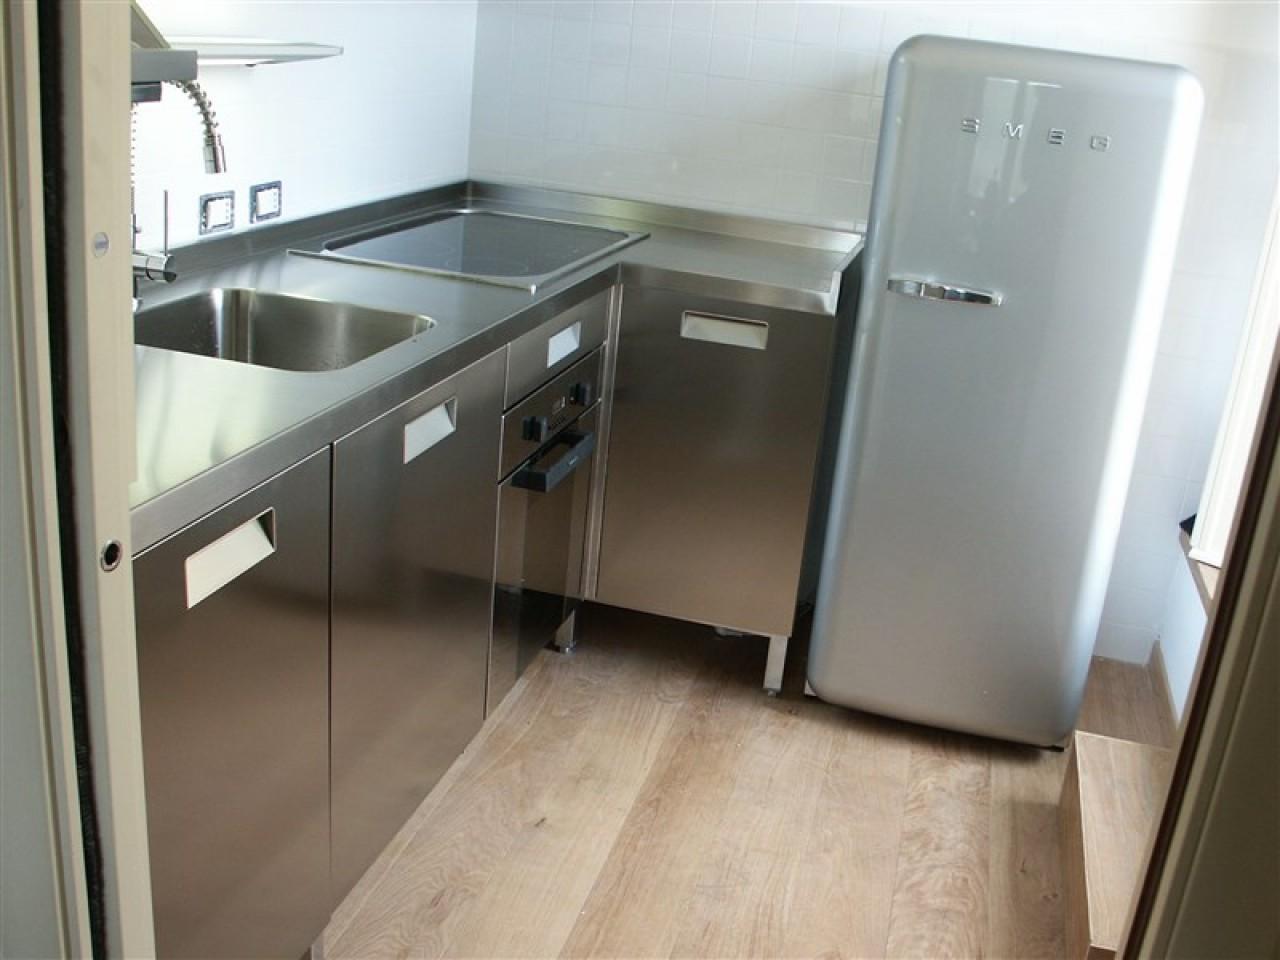 Cucina acciaio inox angolare progetti borlina acciaio - Cucina in acciaio inox ...